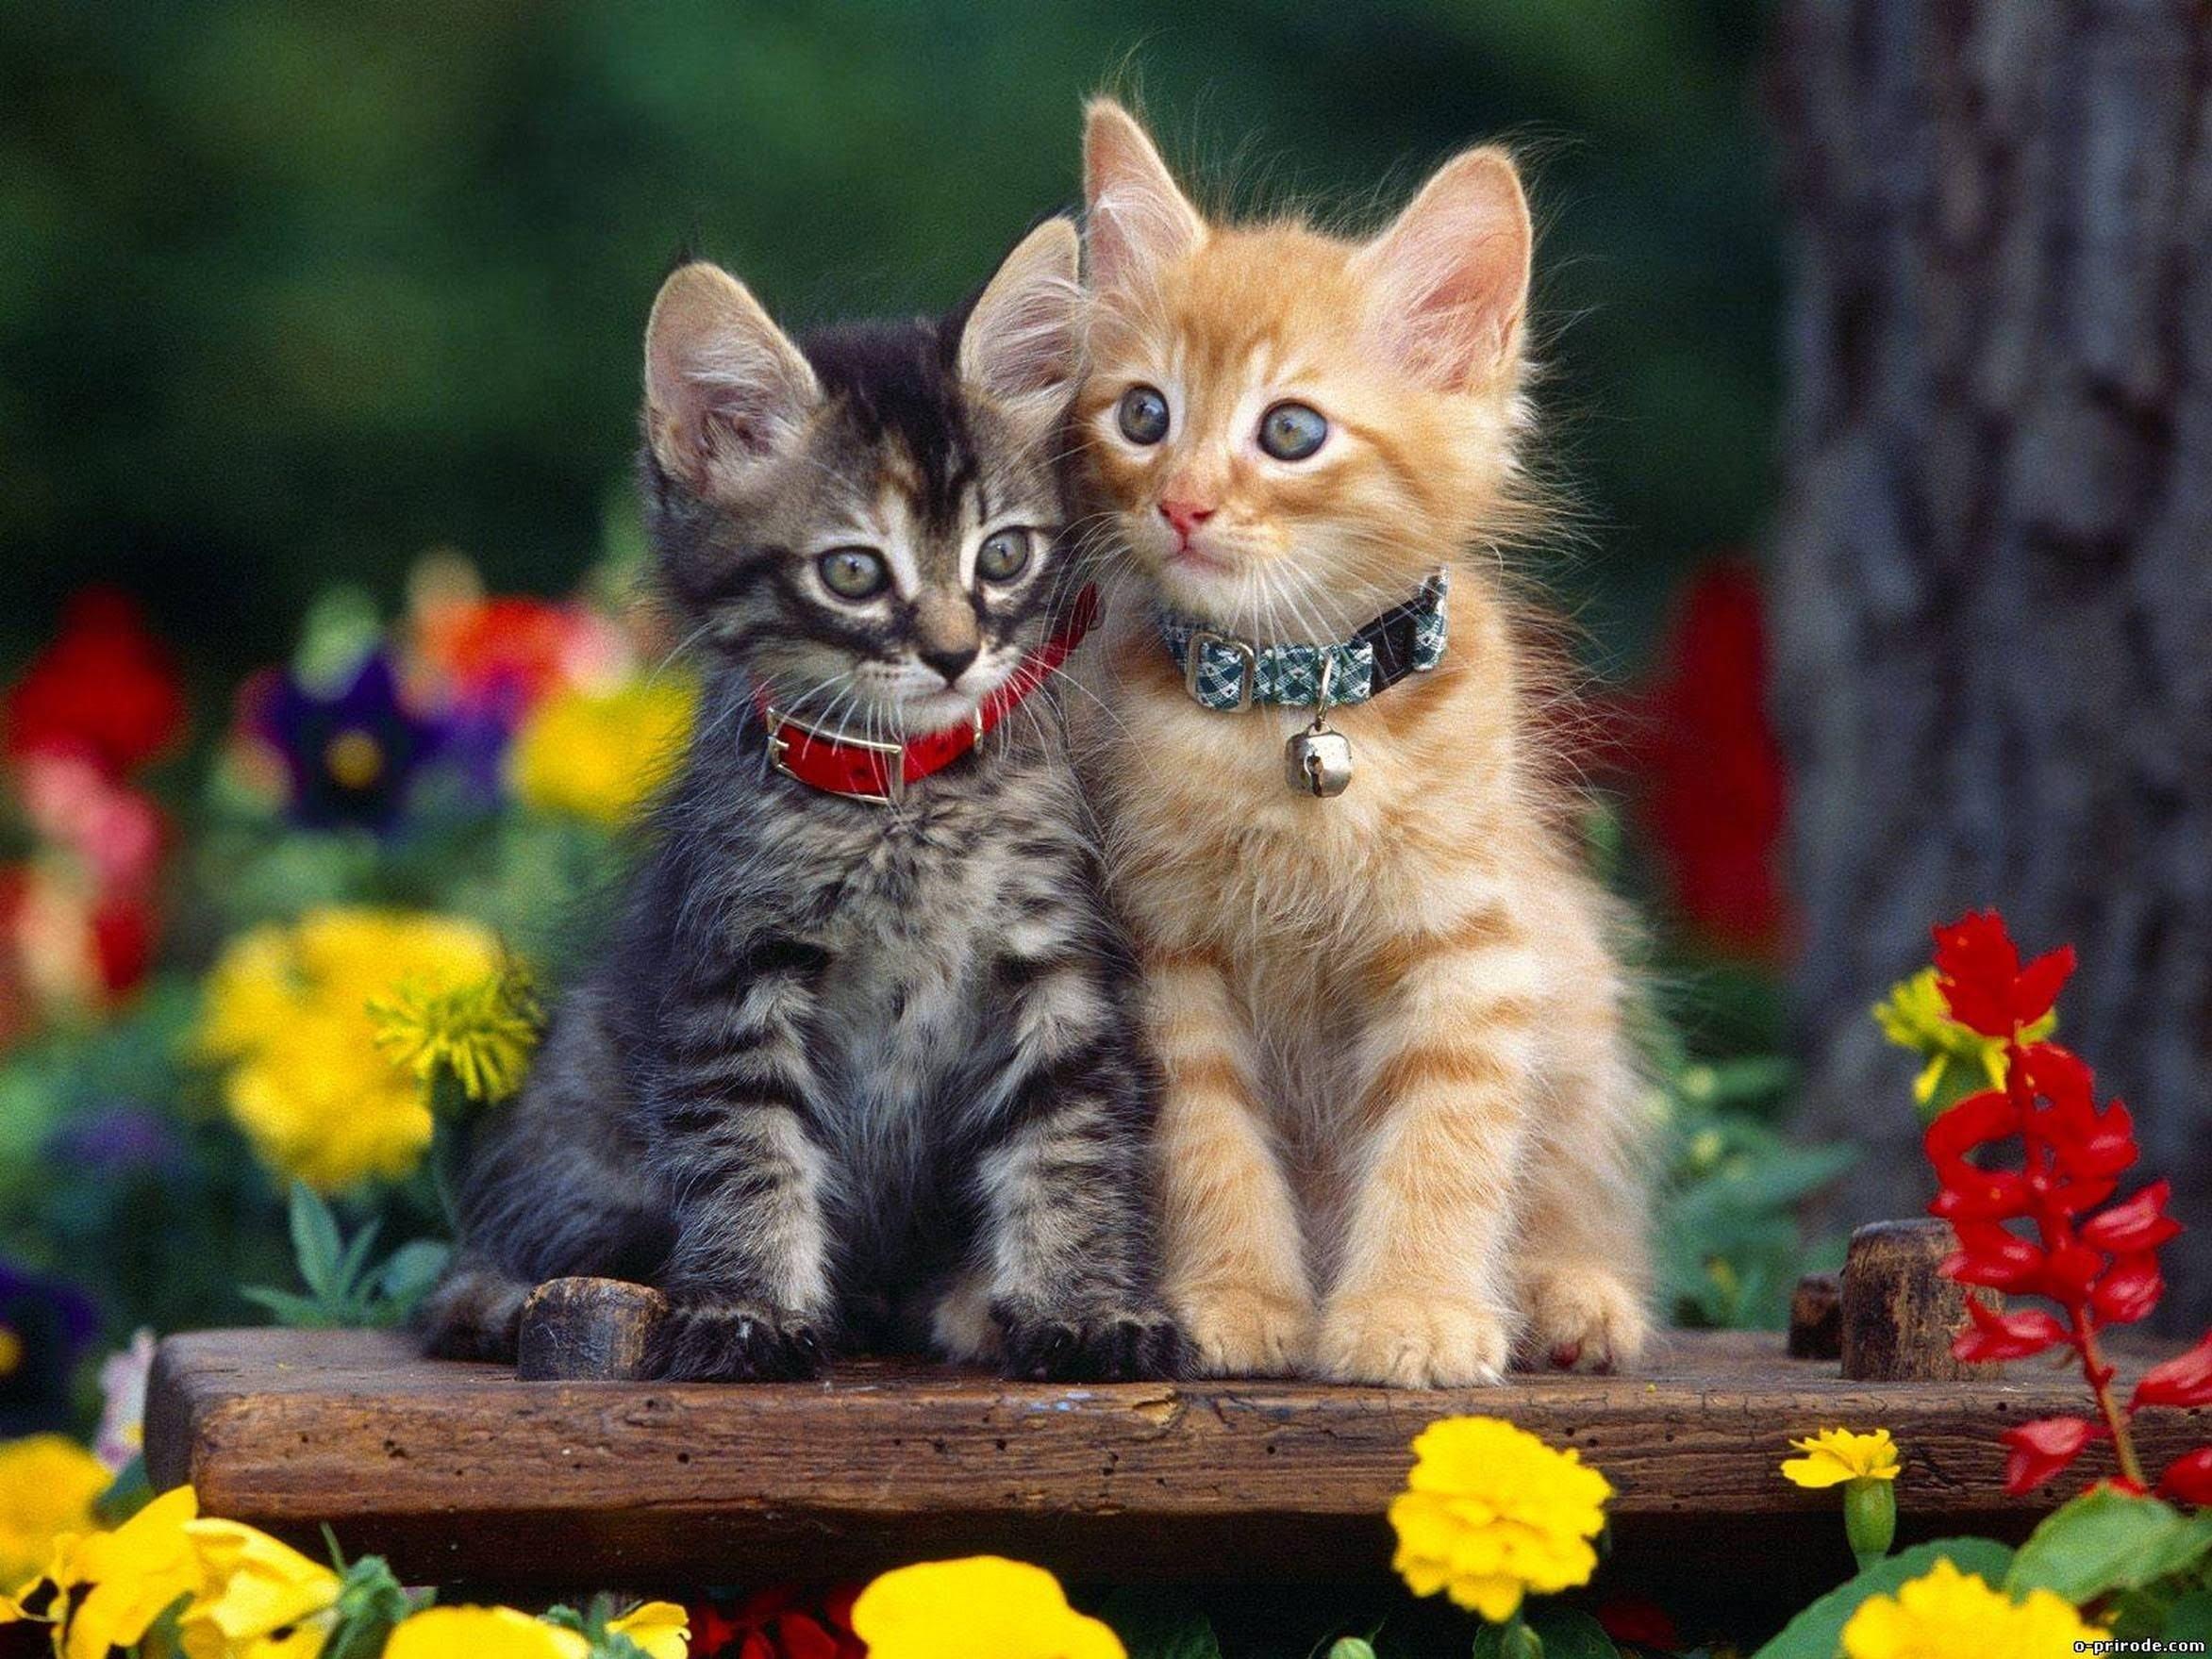 Hình ảnh đẹp giữa 2 chú mèo con thật đẹp đúng không nào